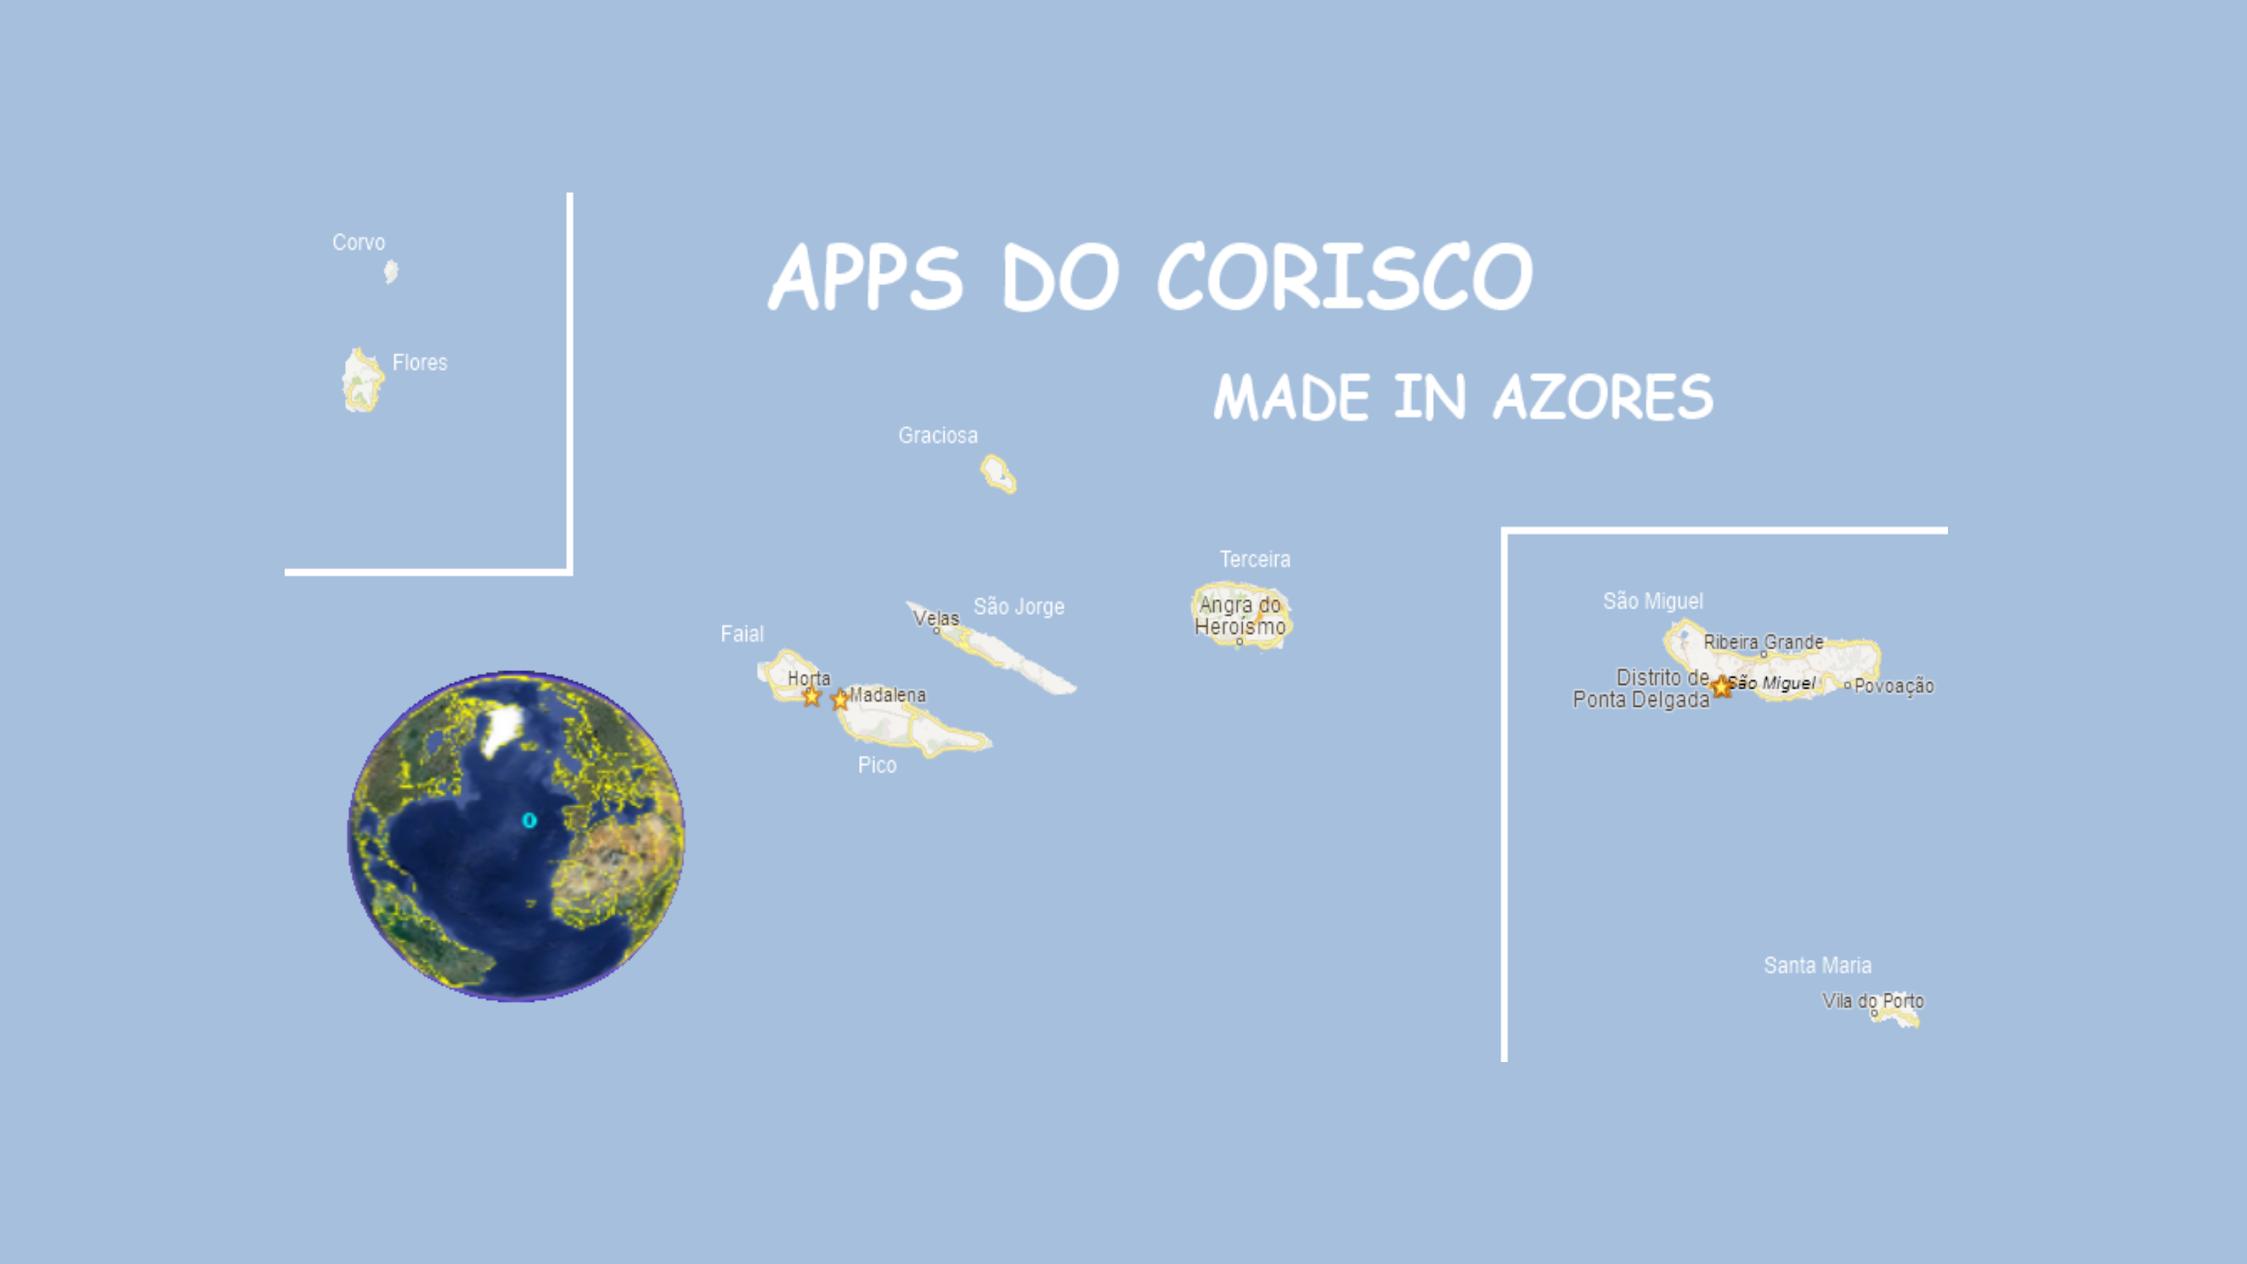 Apps do Corisco